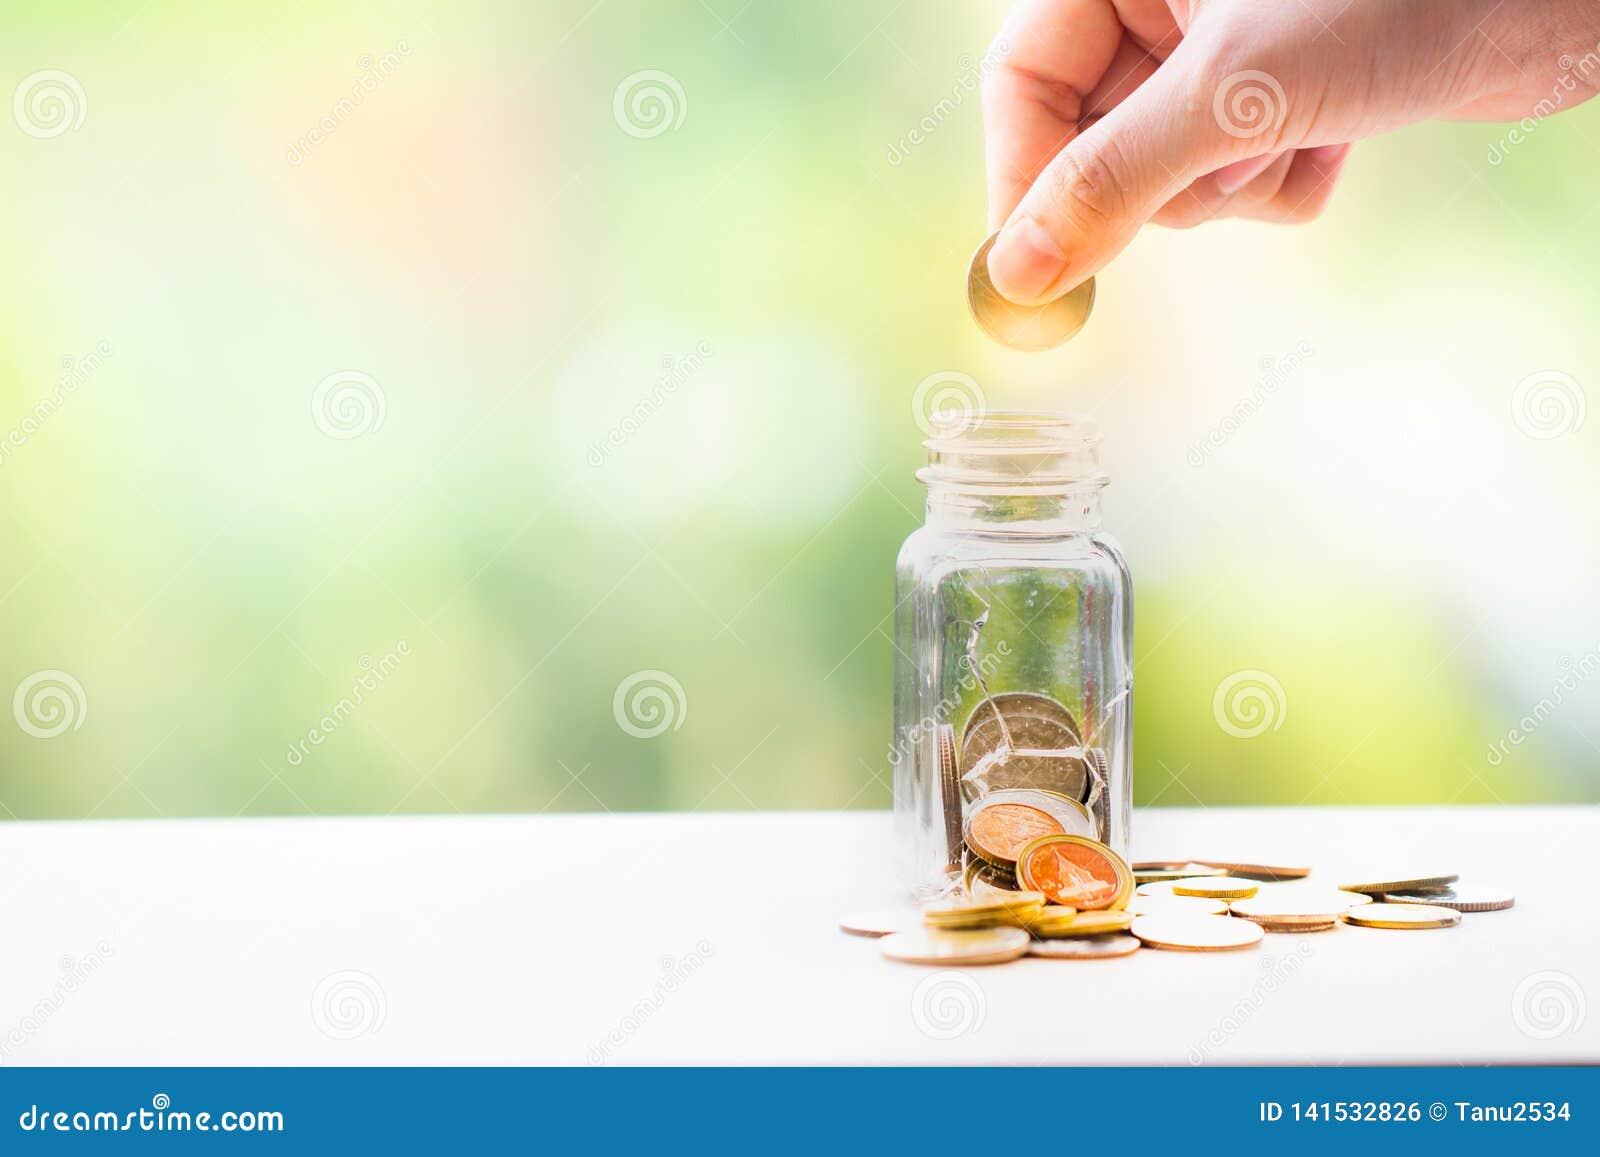 Kobiety ręka stawiająca moneta w słoju pieniądze oszczędzanie 3 d pojęcia pojedynczy utylizacji inwestycji